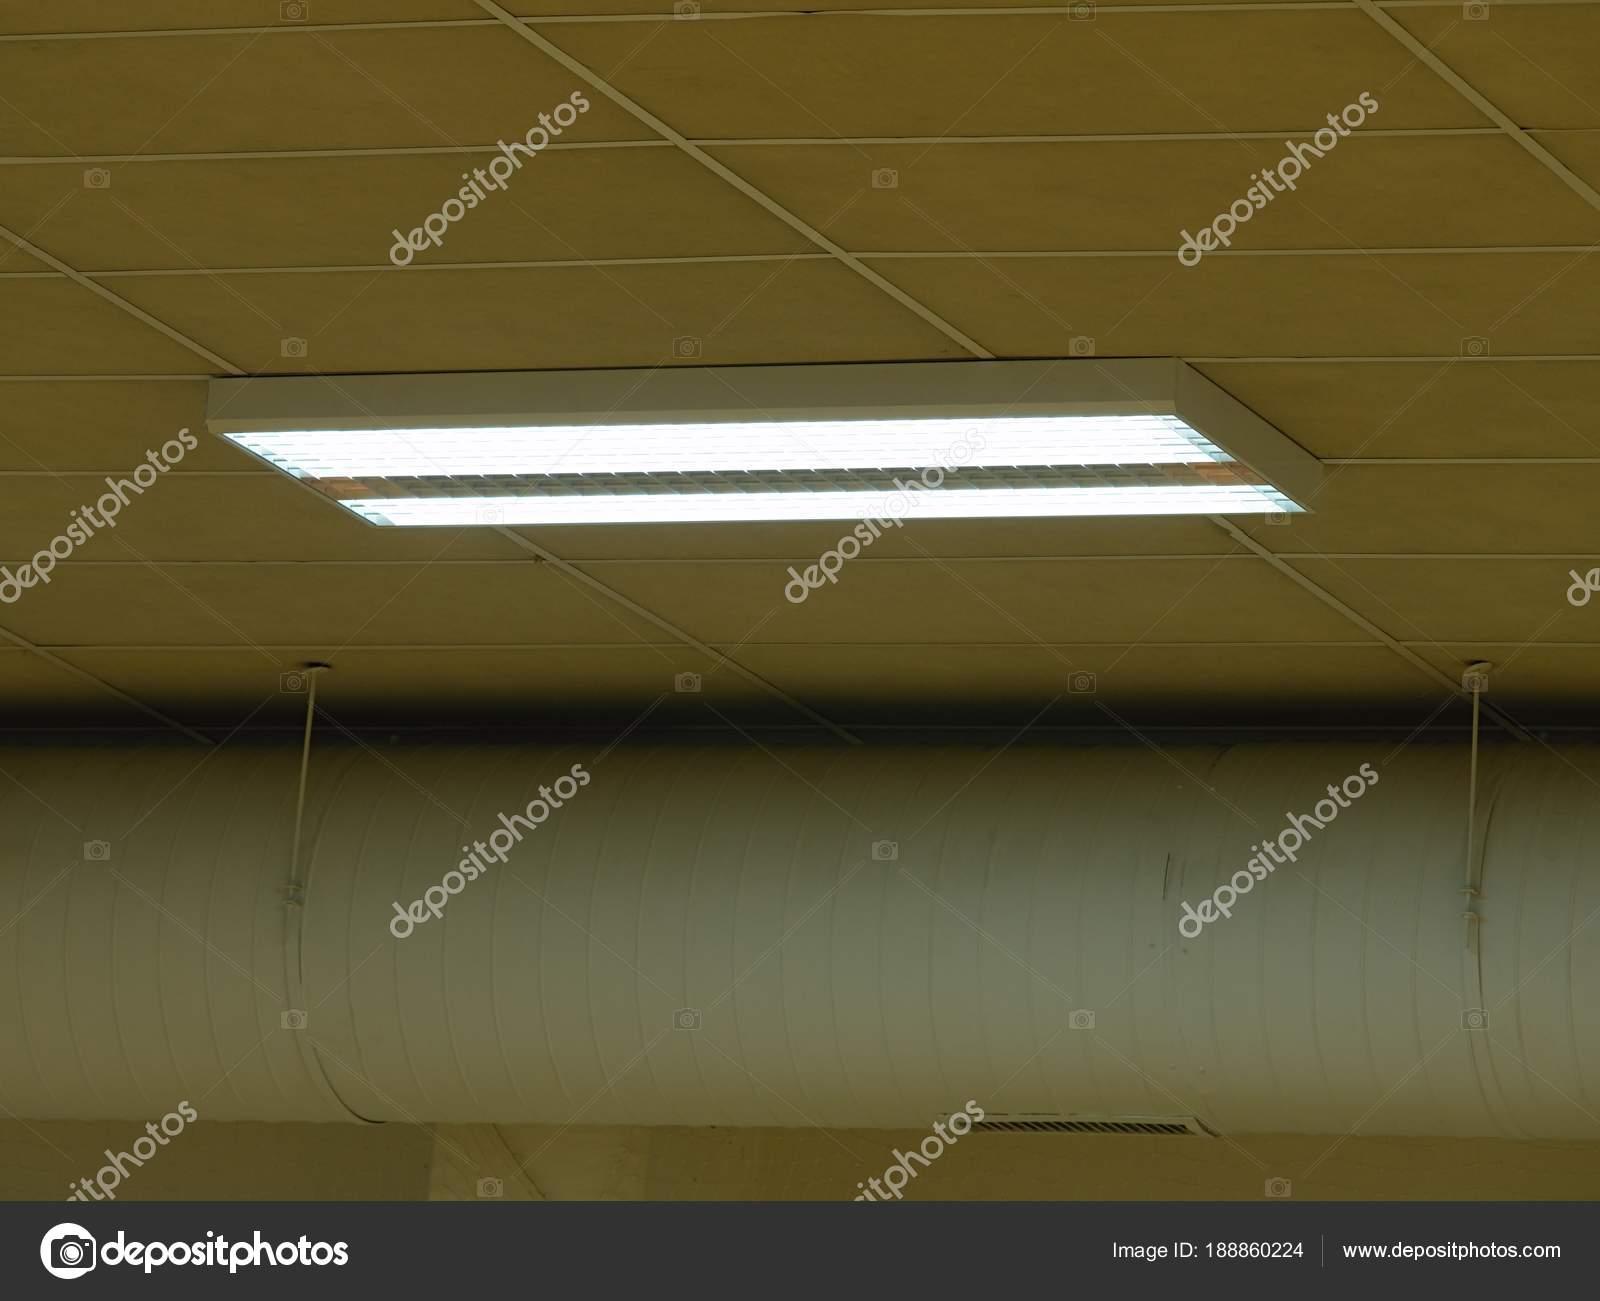 Ufficio sala soffitto aperto con tubo aria e apparecchi di